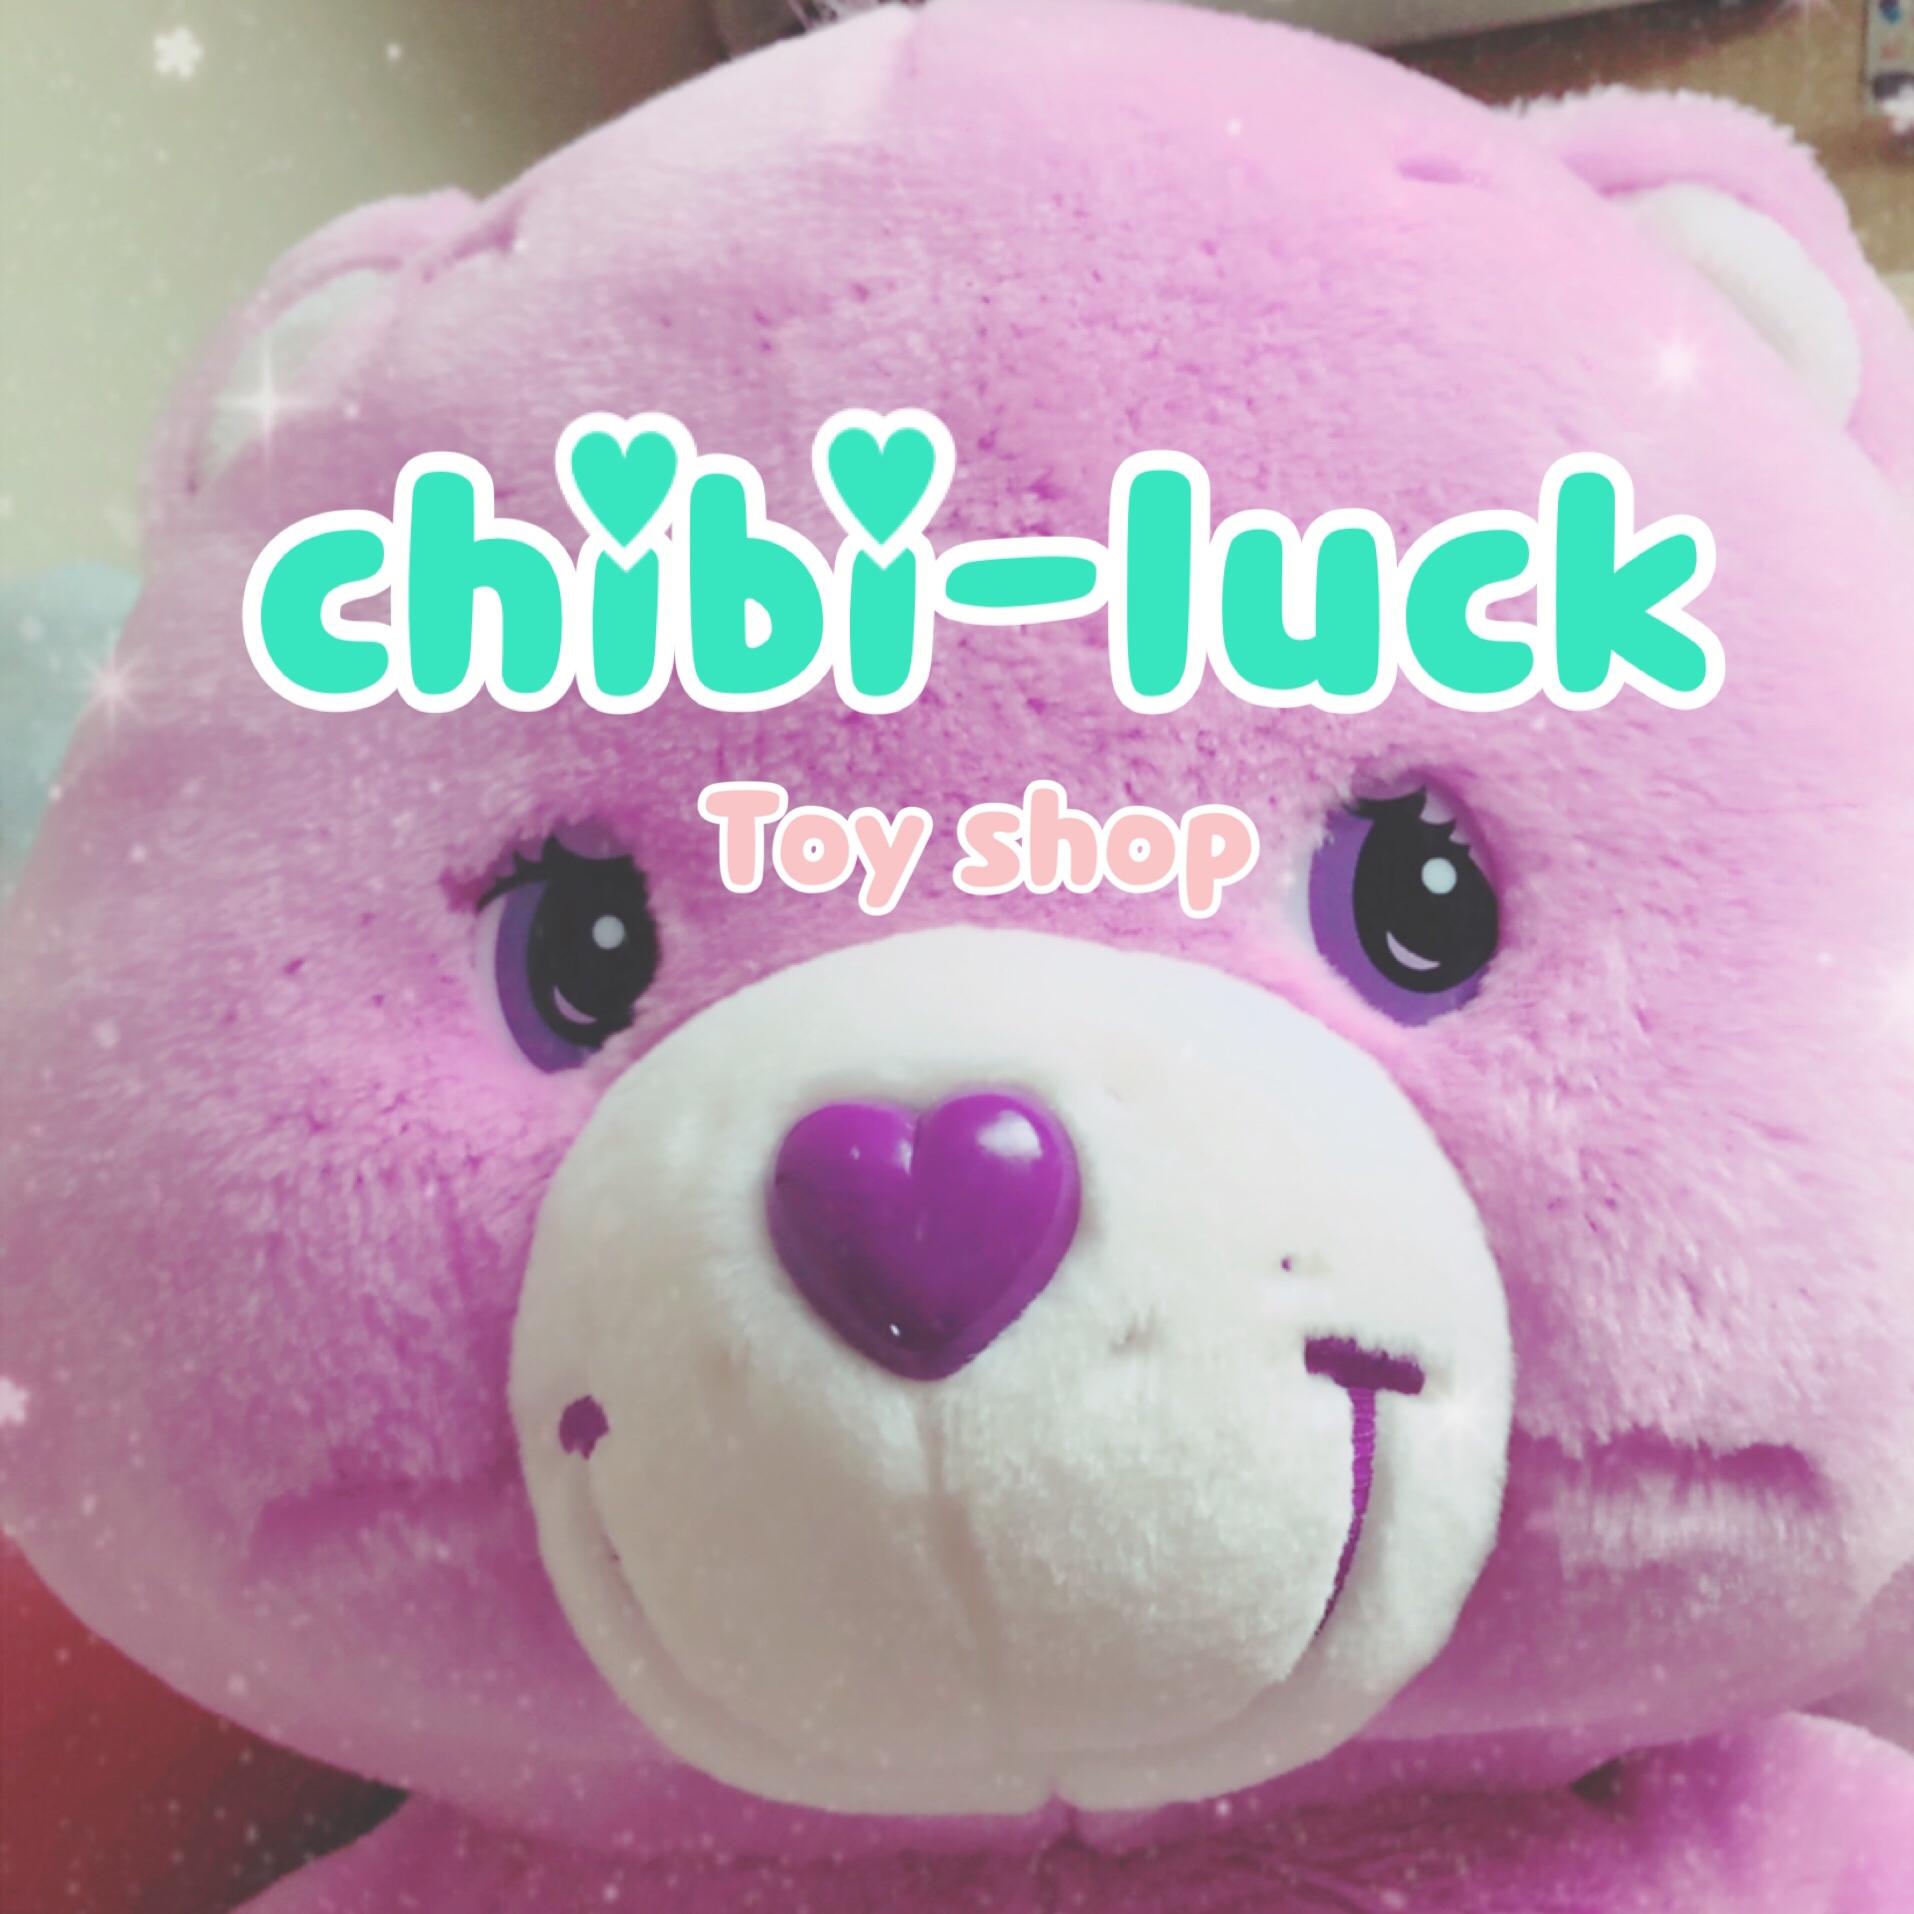 chibiluck